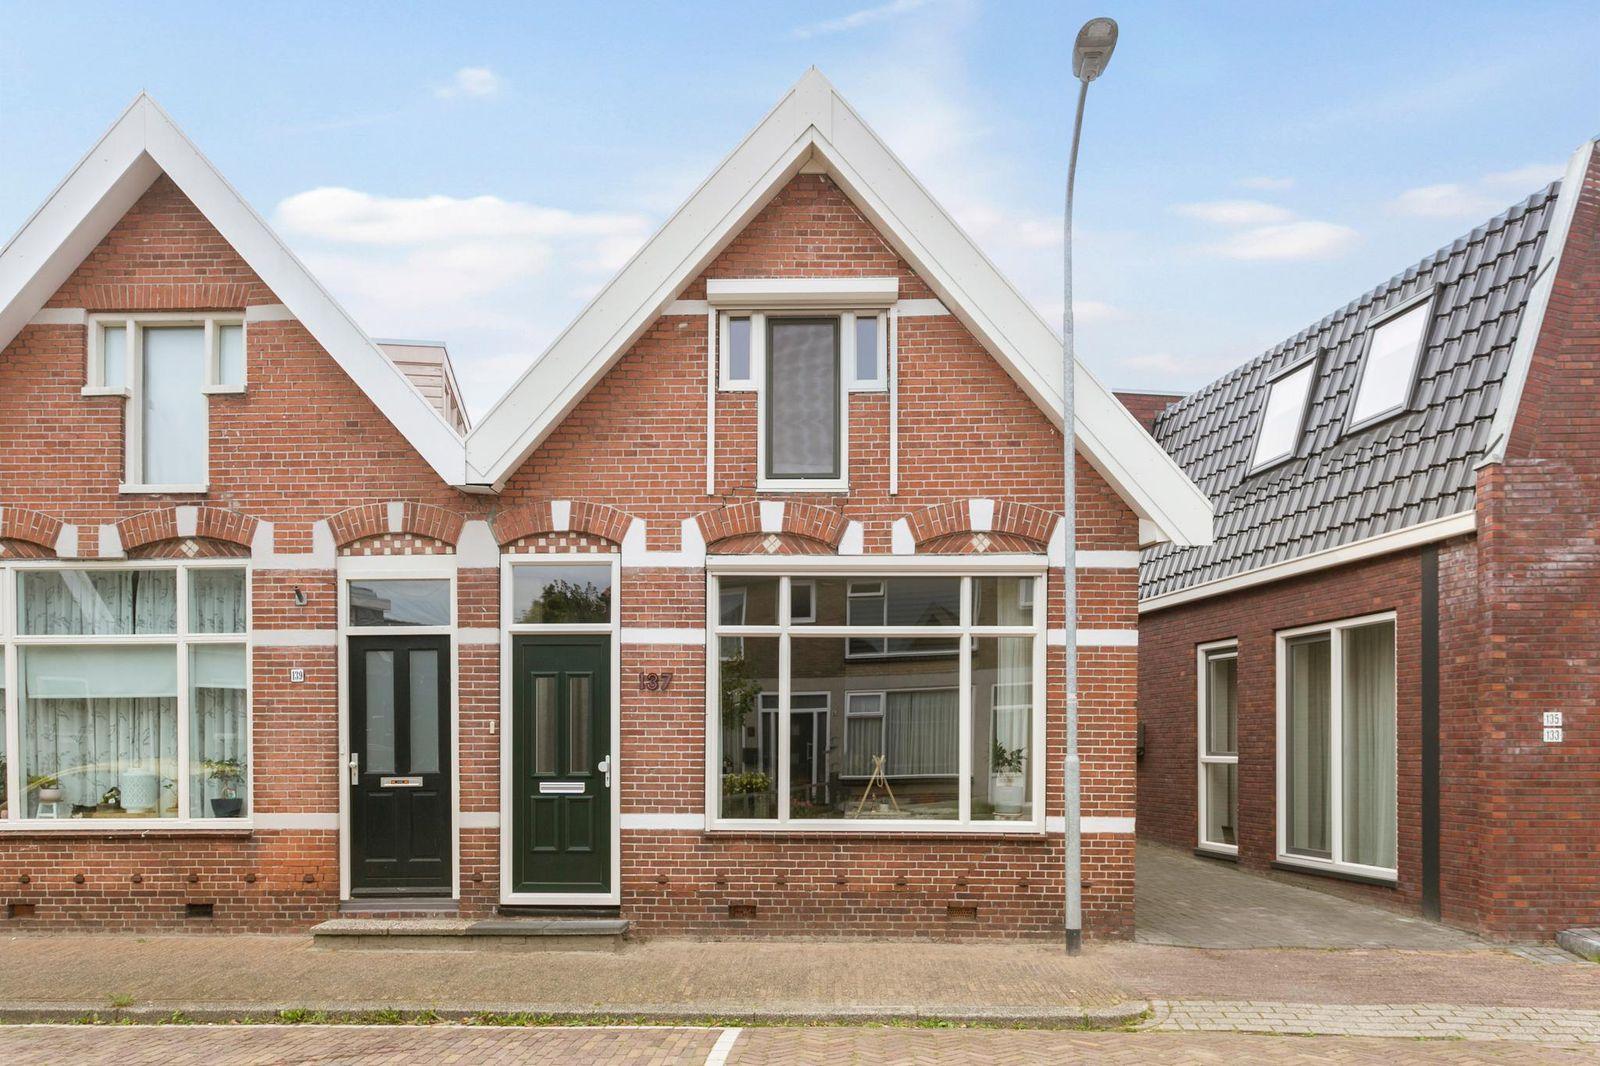 Engelstilstraat 137, Winschoten